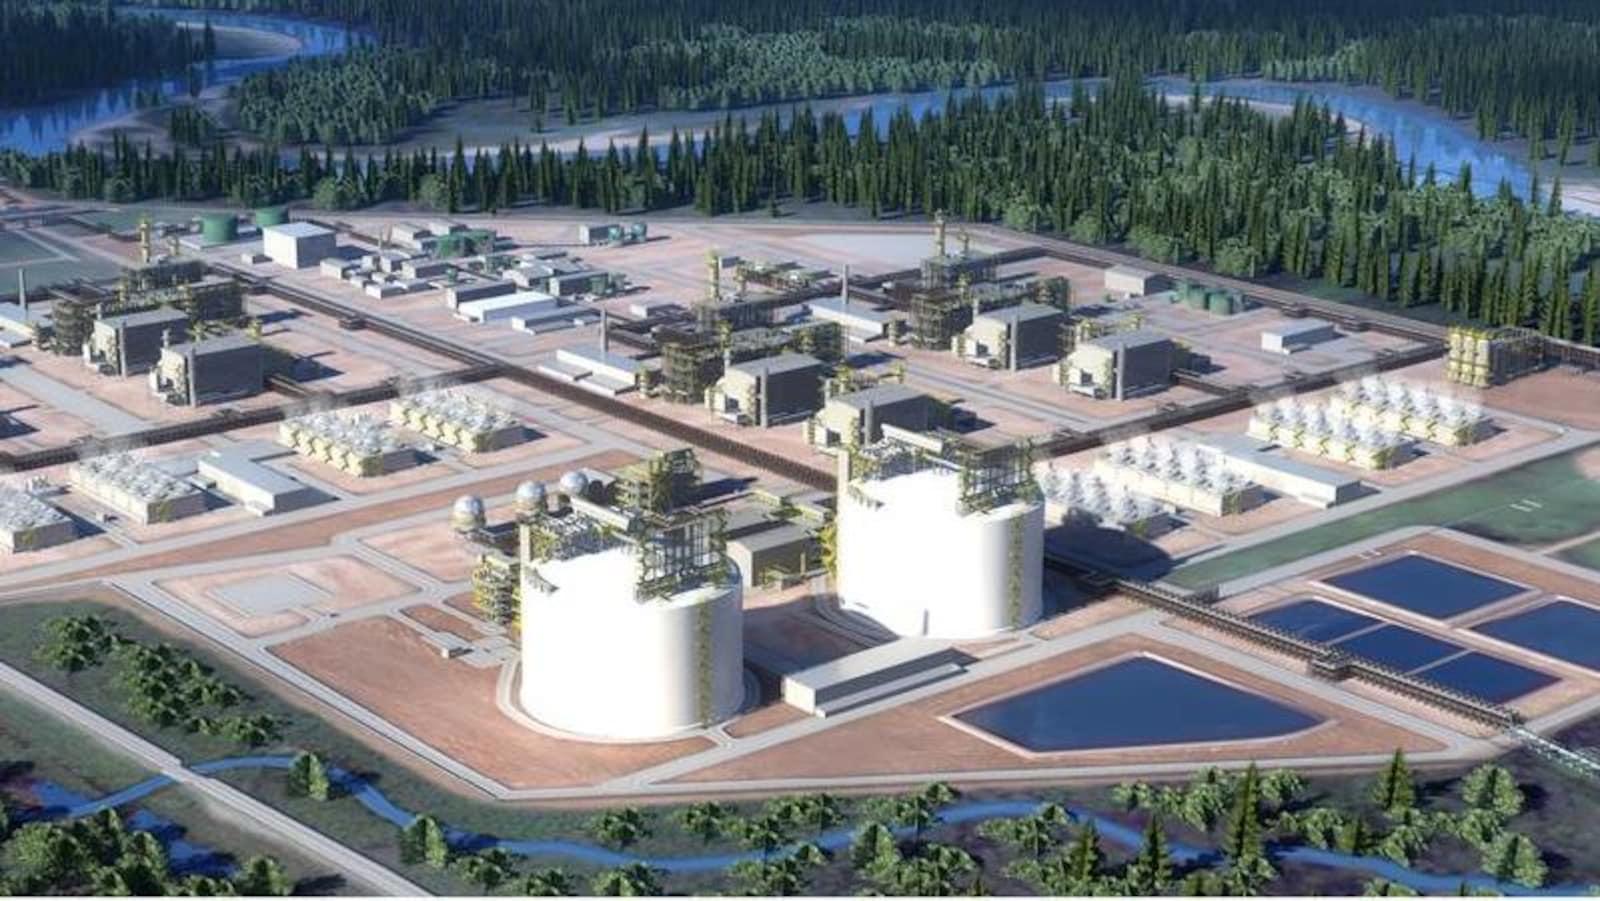 Une représentation du projet de construction d'une usine de gaz naturel liquéfié dans le nord de la Colombie-Britannique.